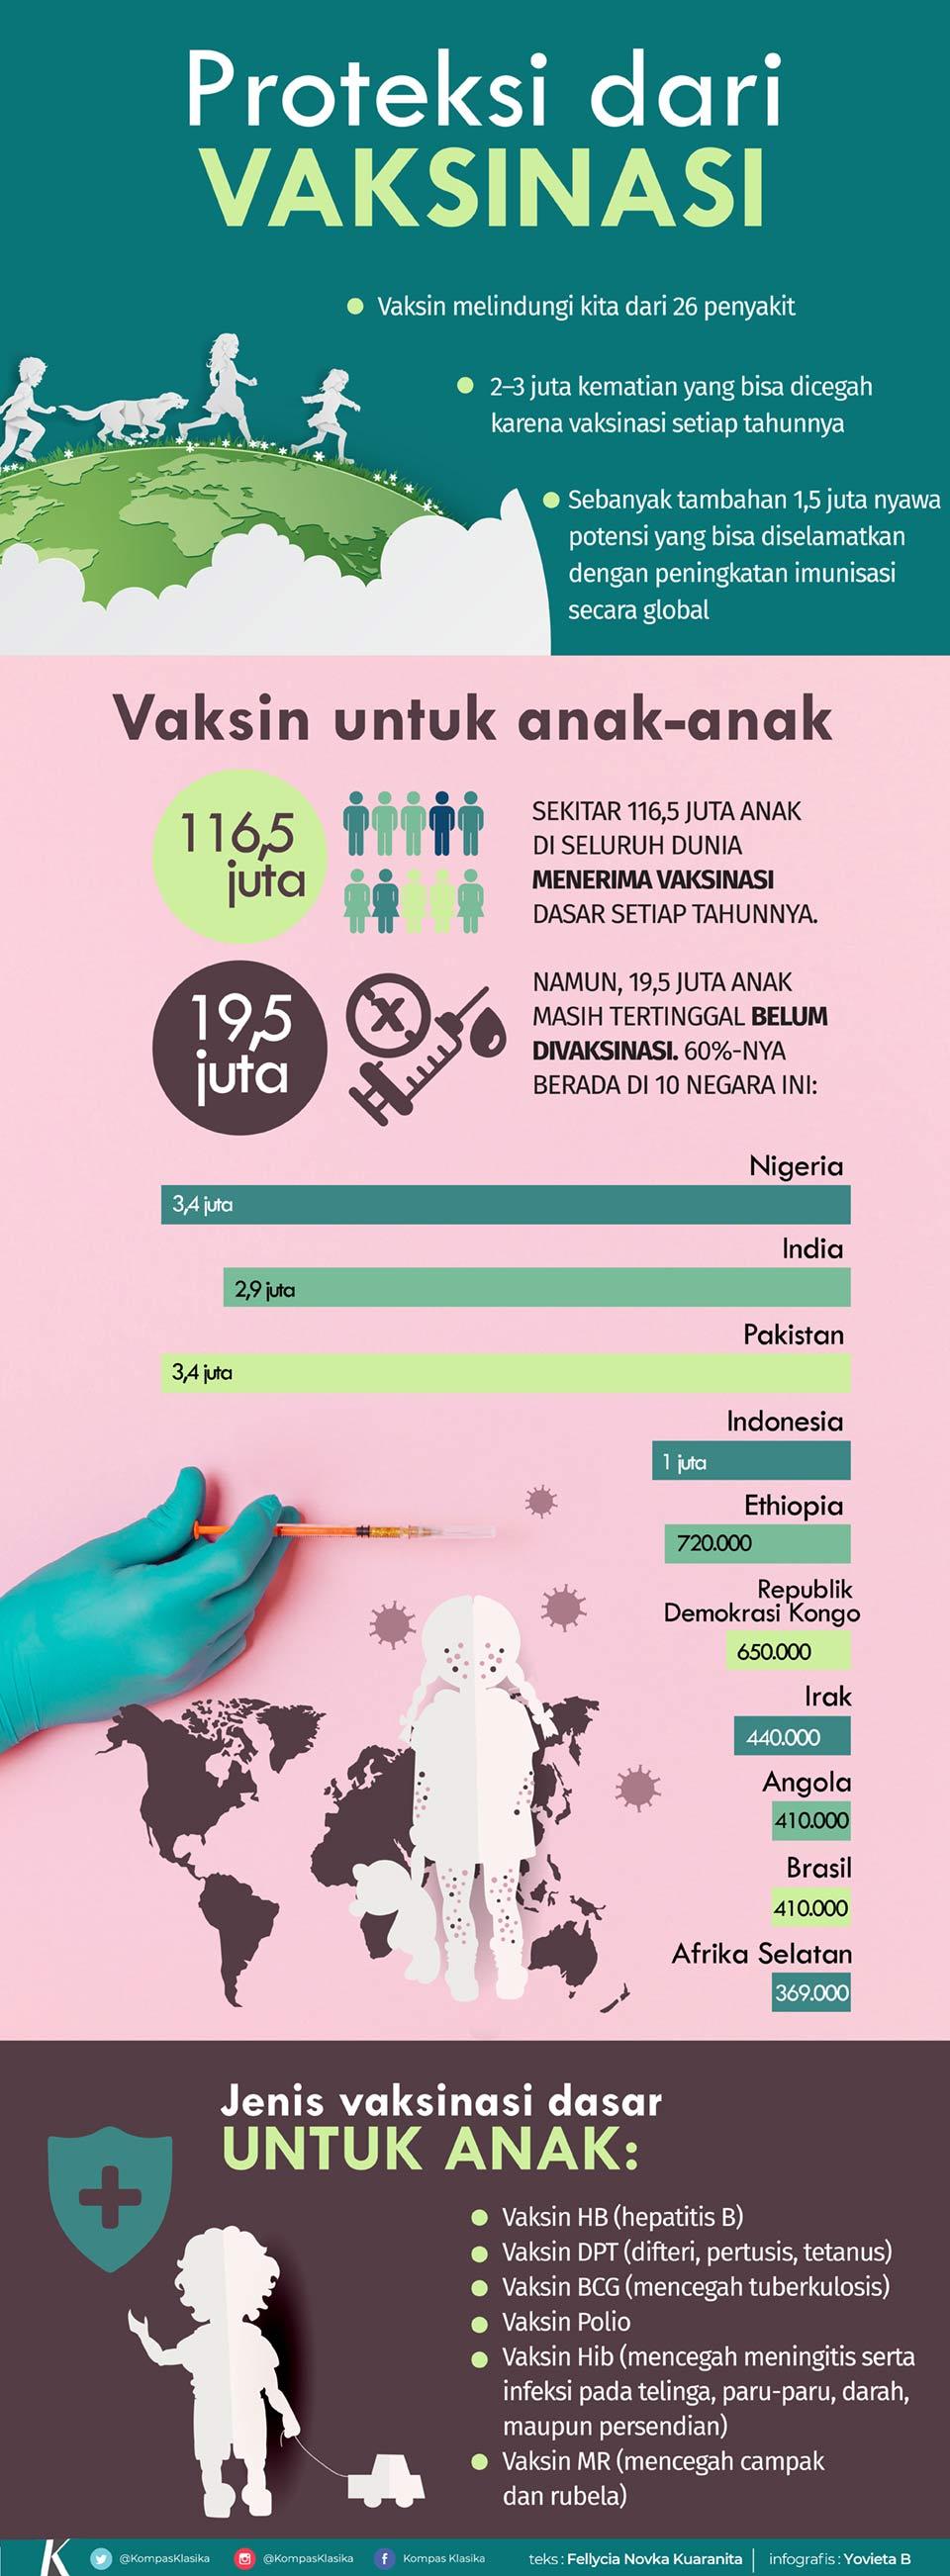 fakta-fakta tentang vaksin